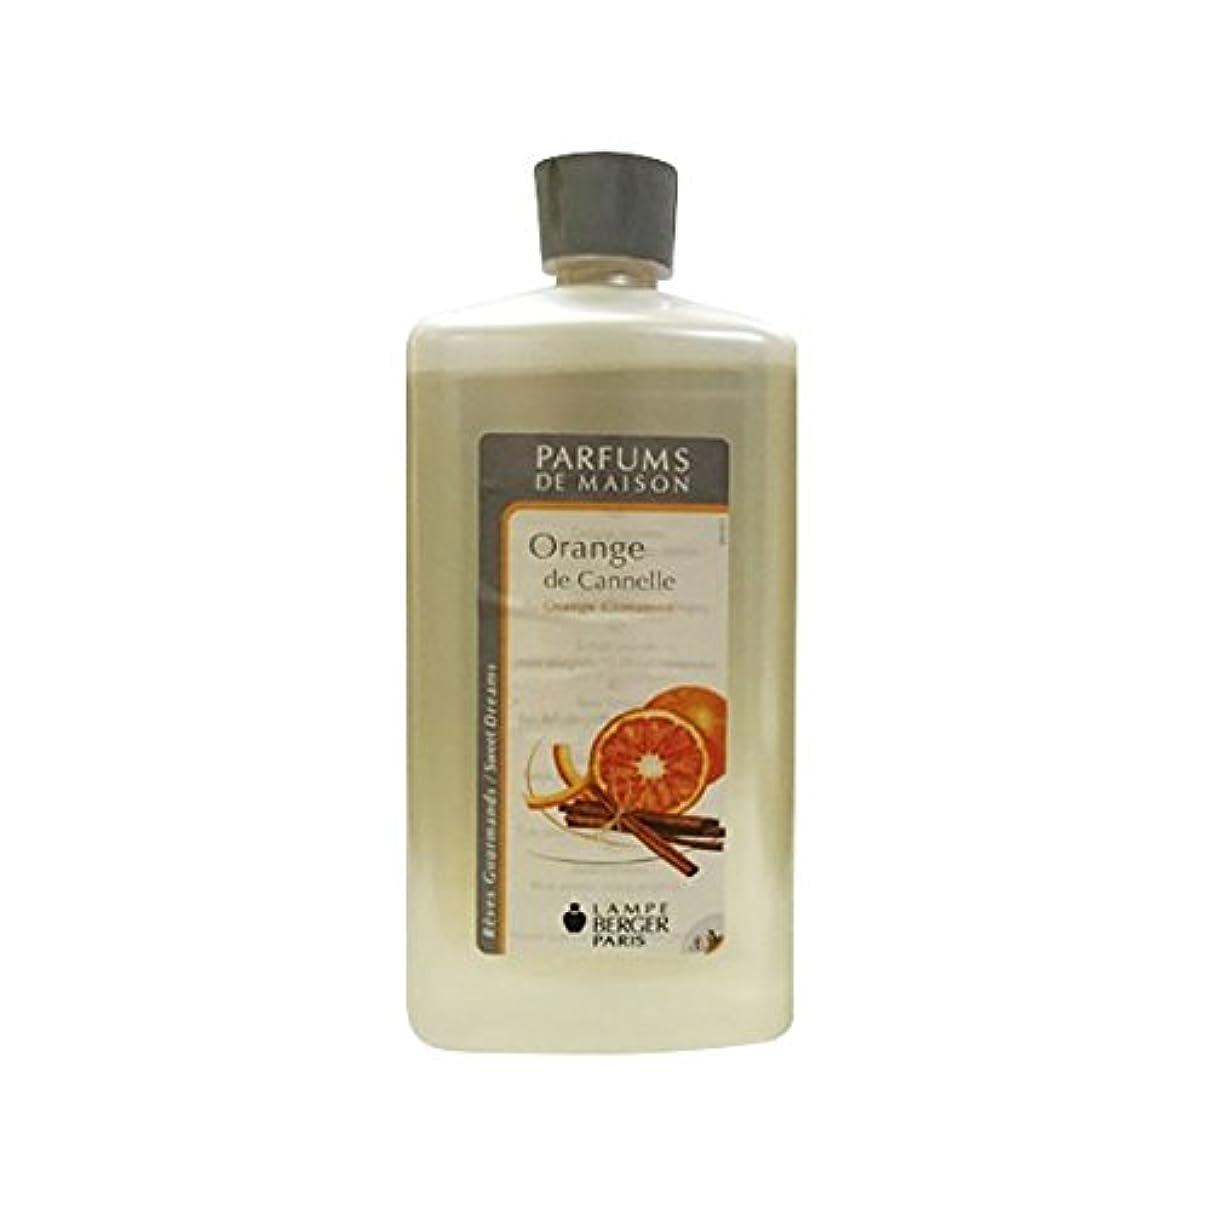 ウェイトレス繰り返した非常に怒っていますランプベルジェオイル(オレンジシナモン)Orange de Cannelle / Orange Cinnamon